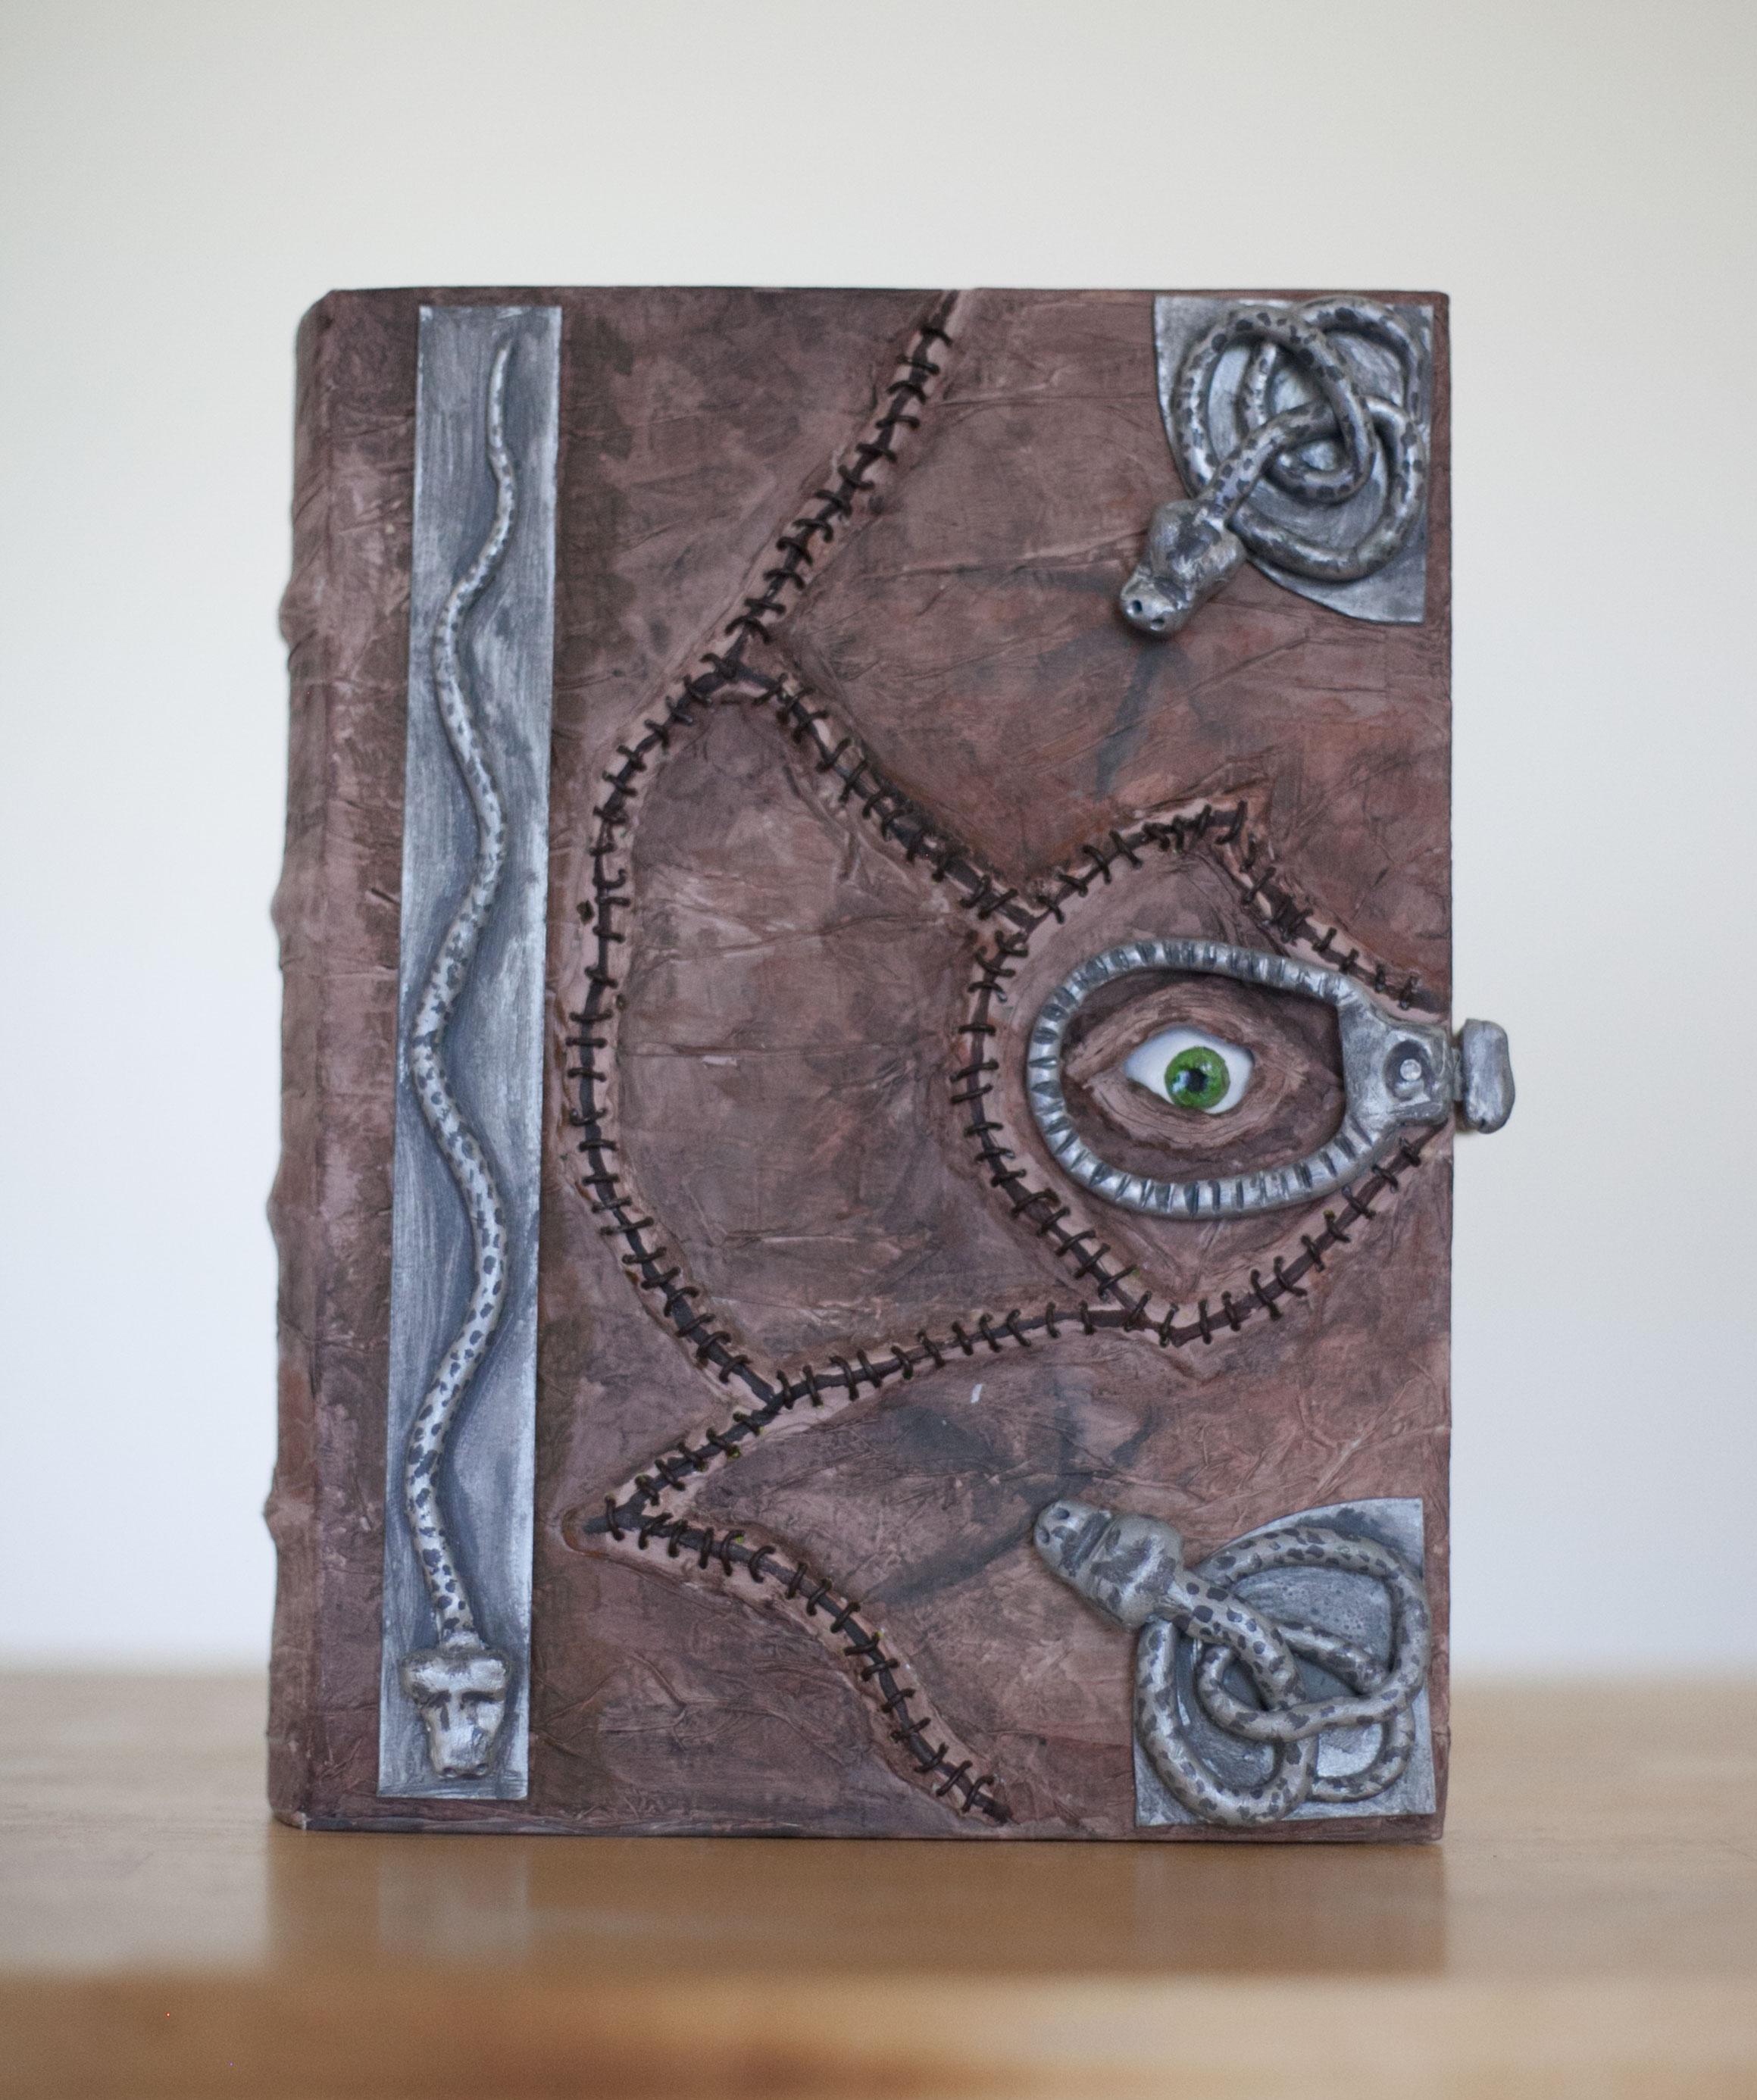 hocus_pocus_book